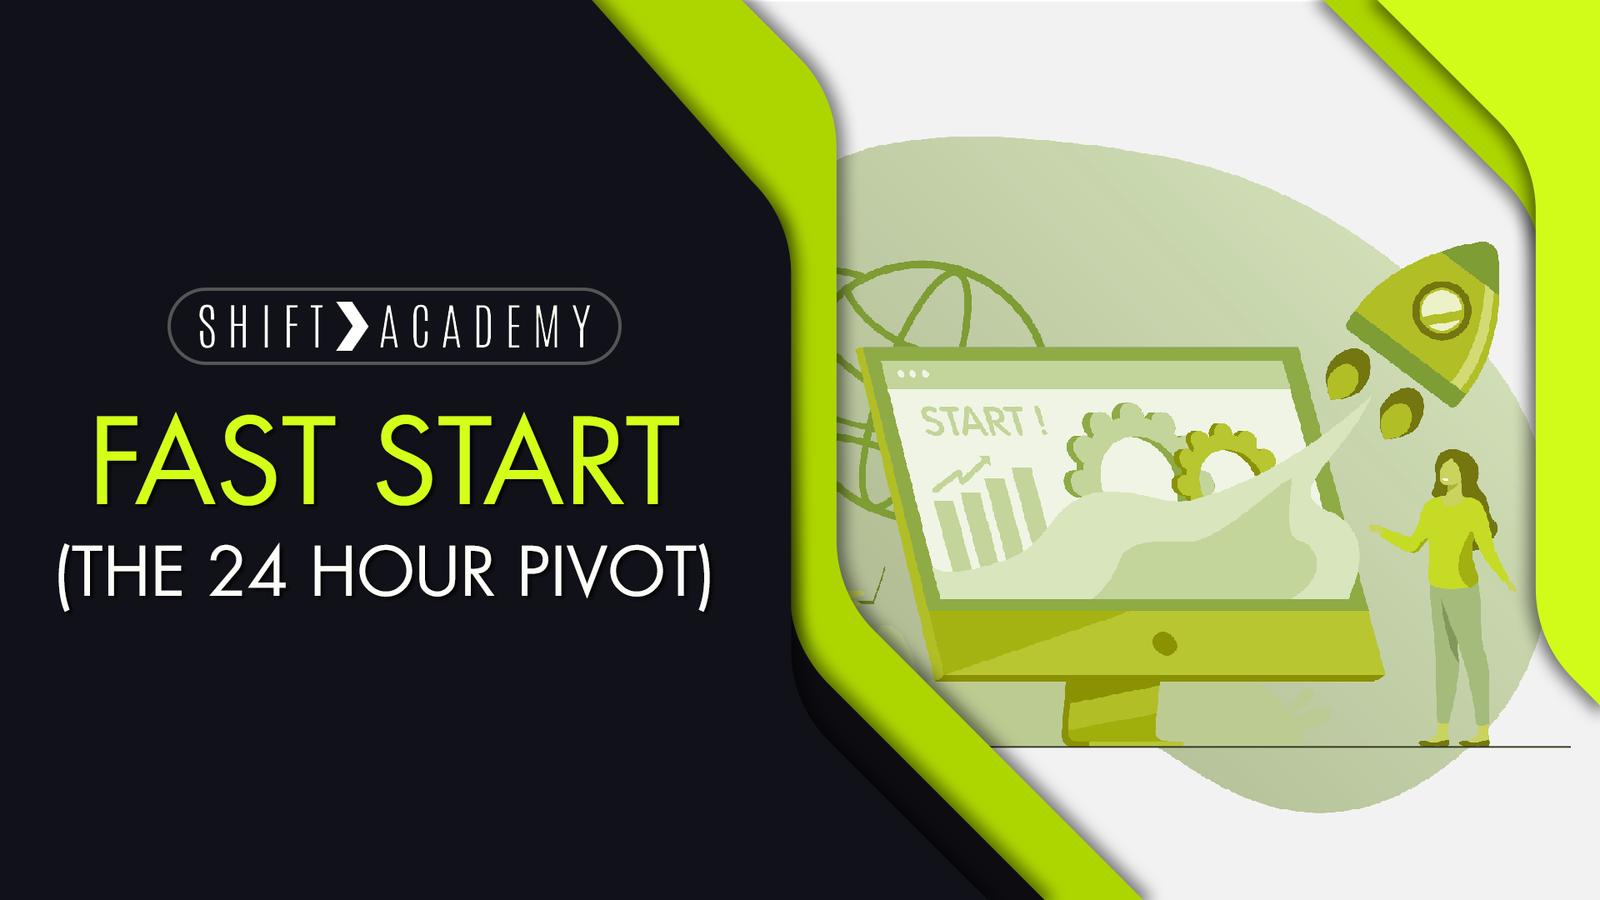 Fast Start (The 24 Hour Pivot)